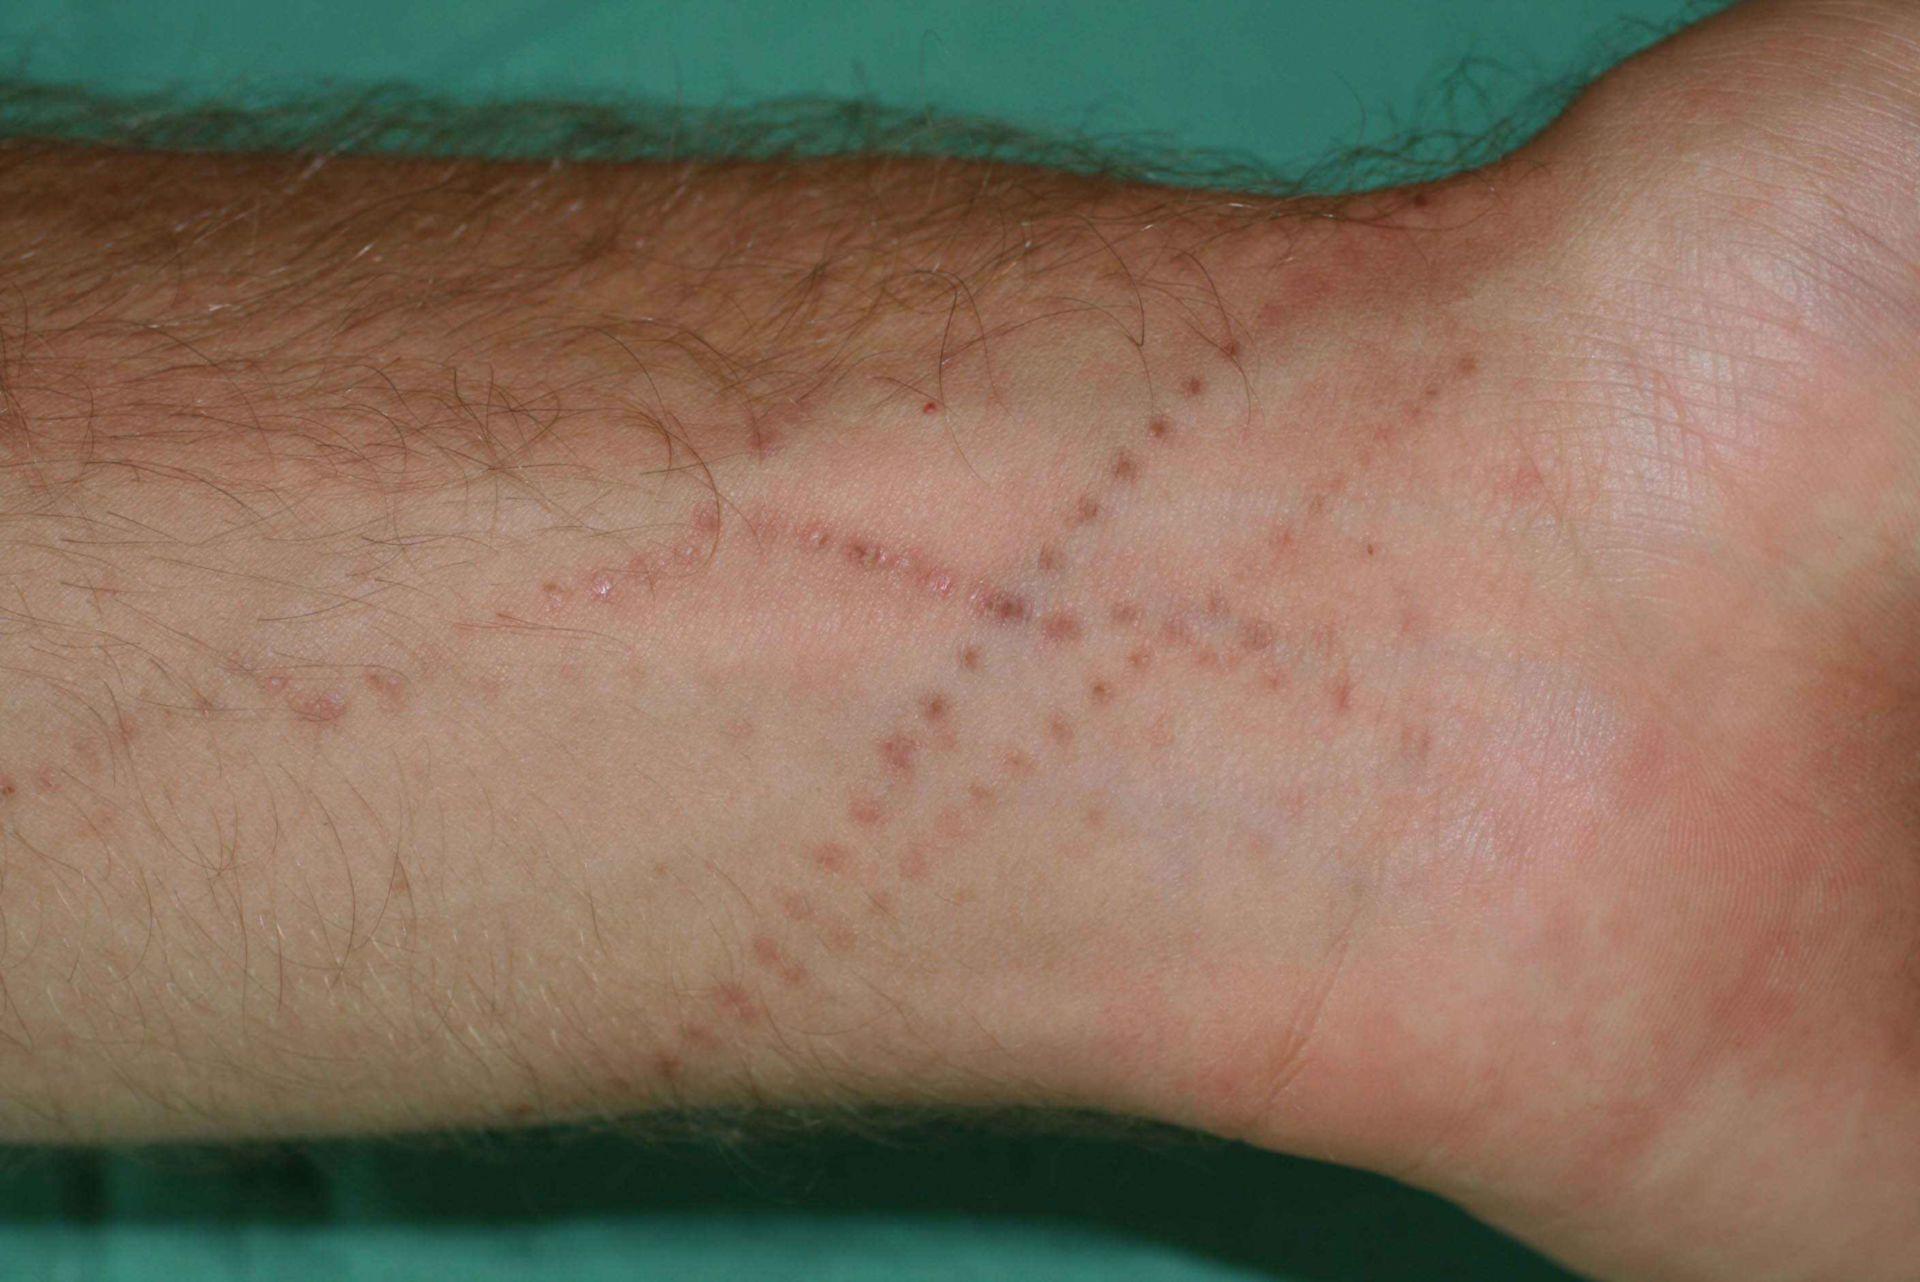 Badeverletzung Portugisische Galeere Qualle Physalia physalis (2)